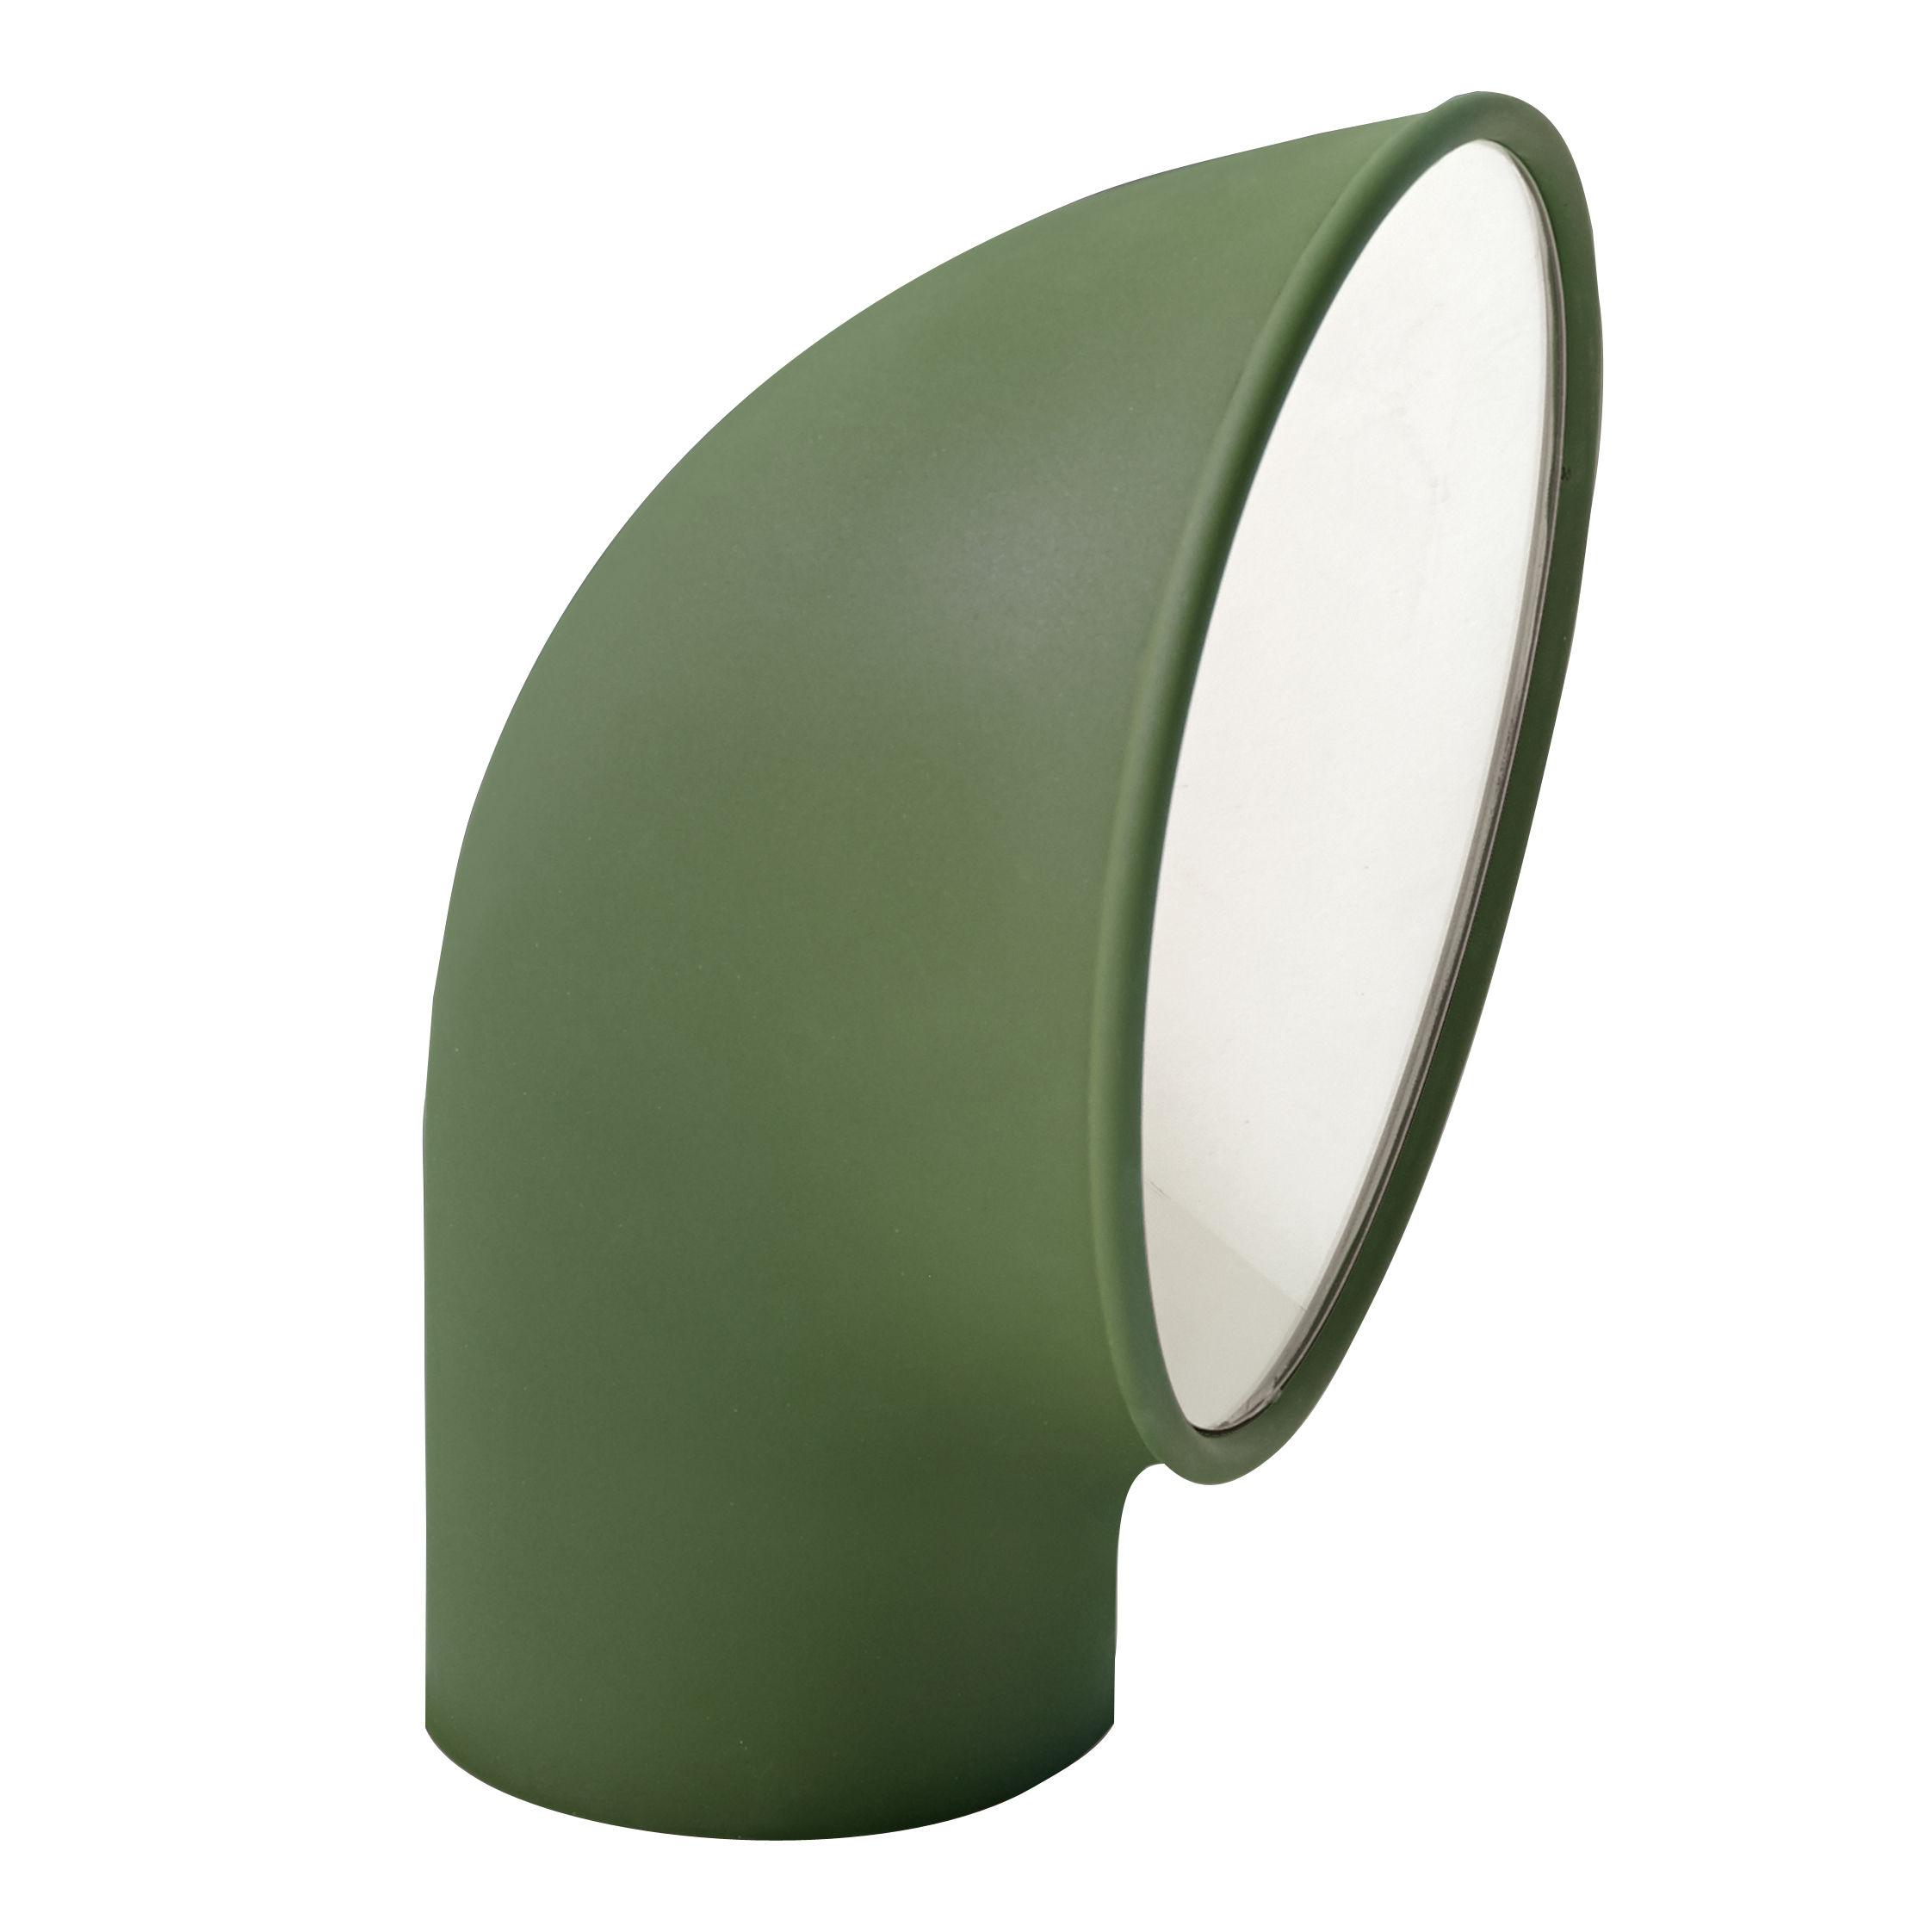 Leuchten - Außenleuchten - Piroscafo Lichtsäule / LED - H 37 cm - Artemide - Grün - Gussaluminium, Polykarbonat